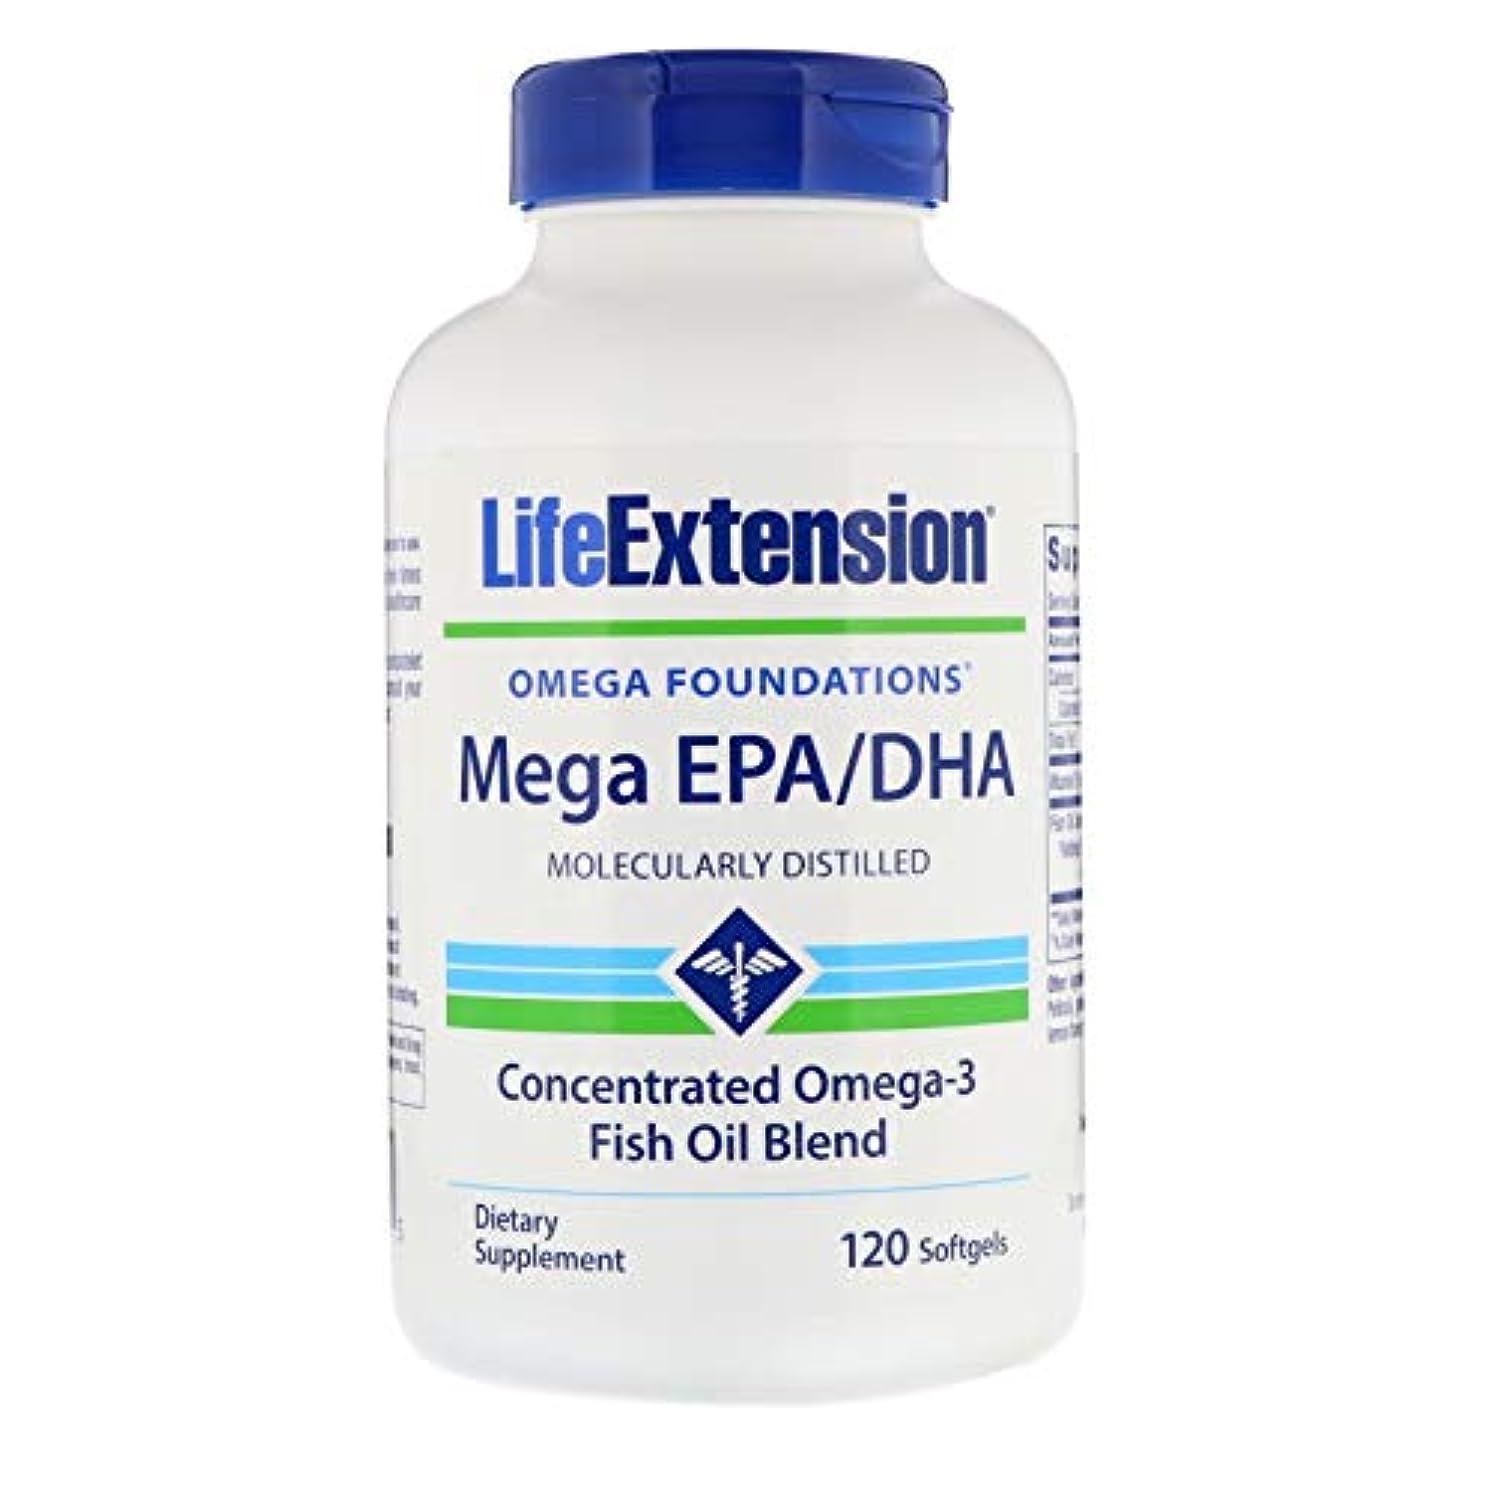 労働者正しい尊敬メガ EPA/DHA600 mg含有/粒 120粒ソフトジェルカプセル 海外直送品